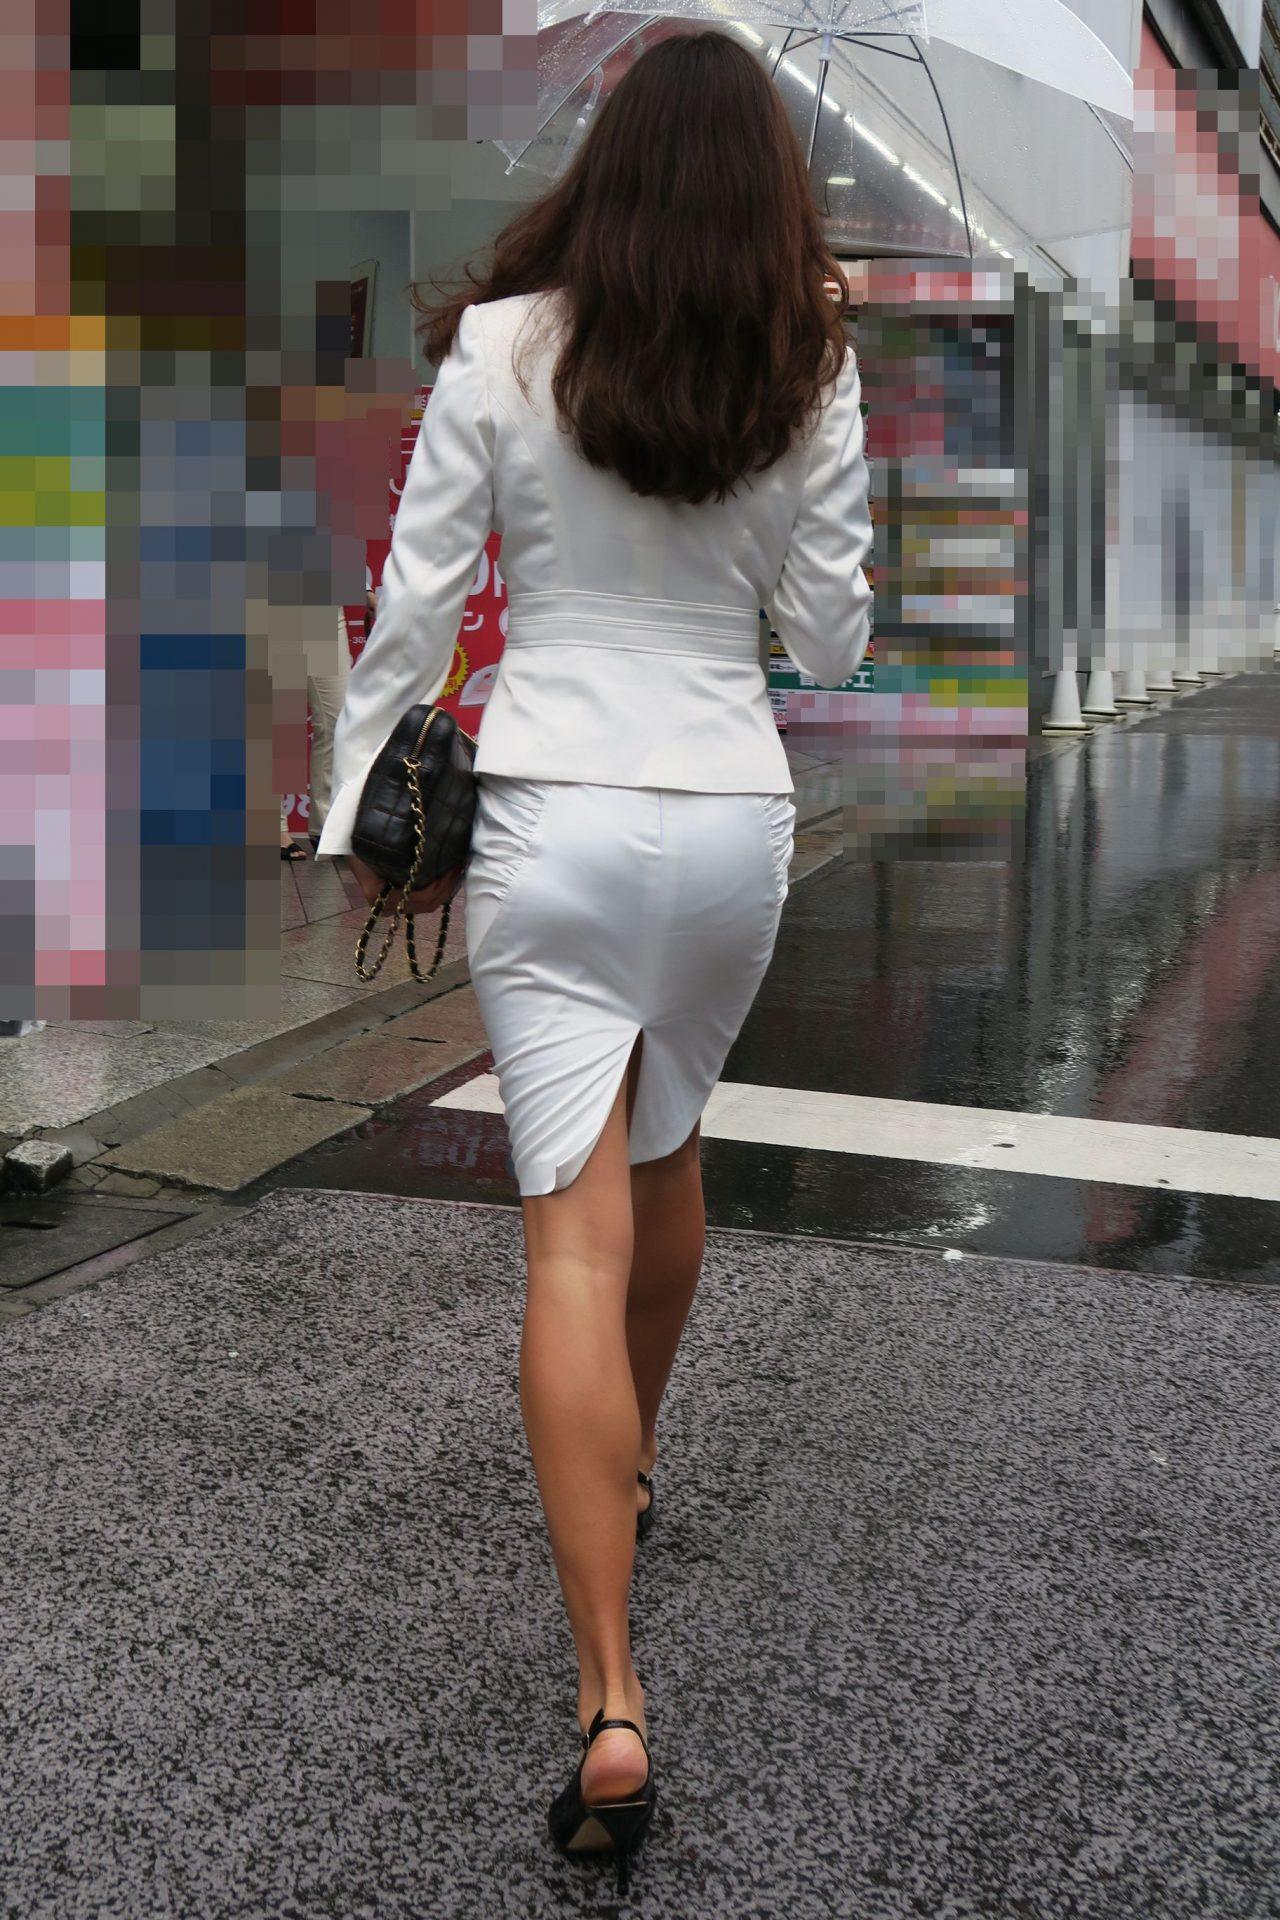 三次元 3次元 エロ画像 スーツ べっぴん娘通信 034